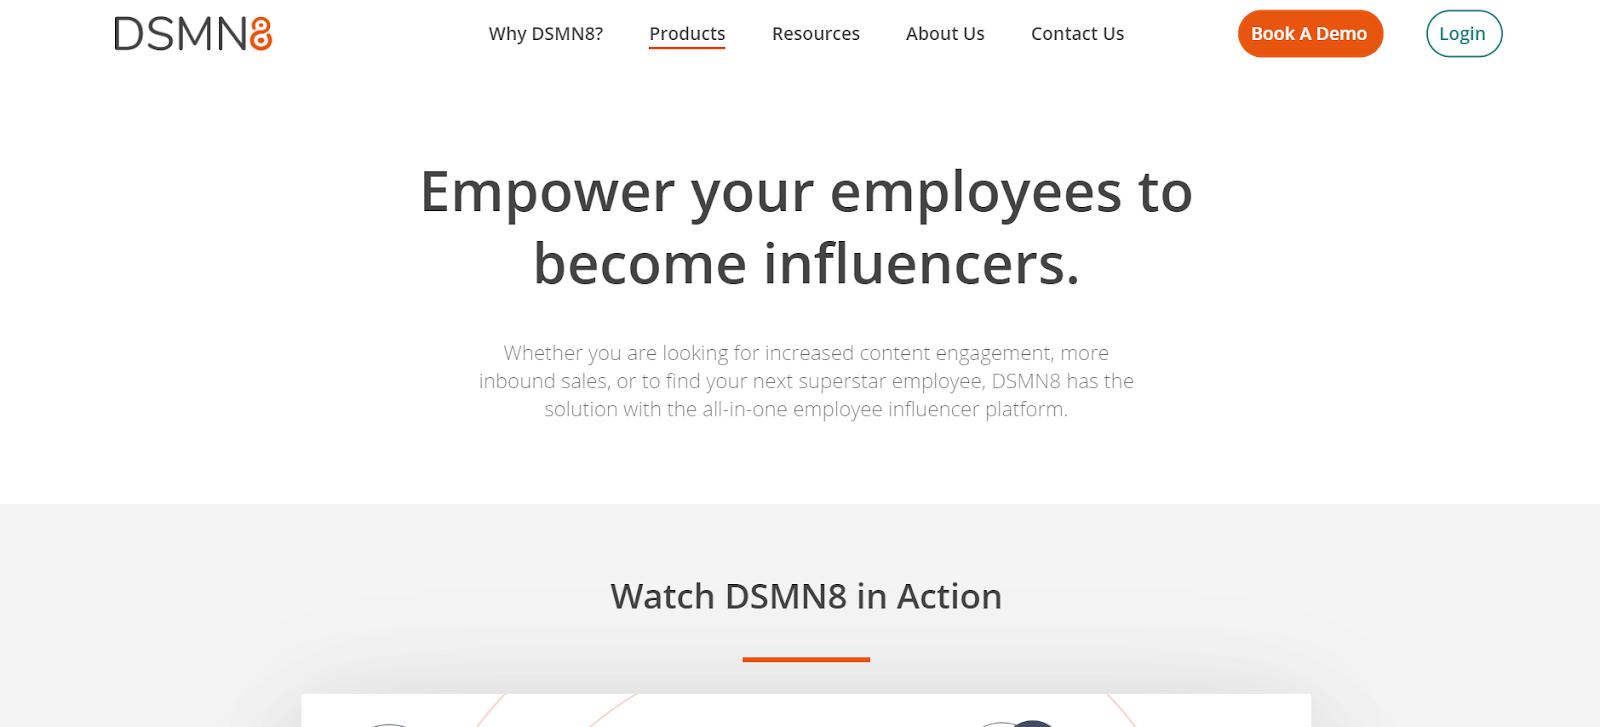 DSMN8 Herramientas de defensa de los empleados